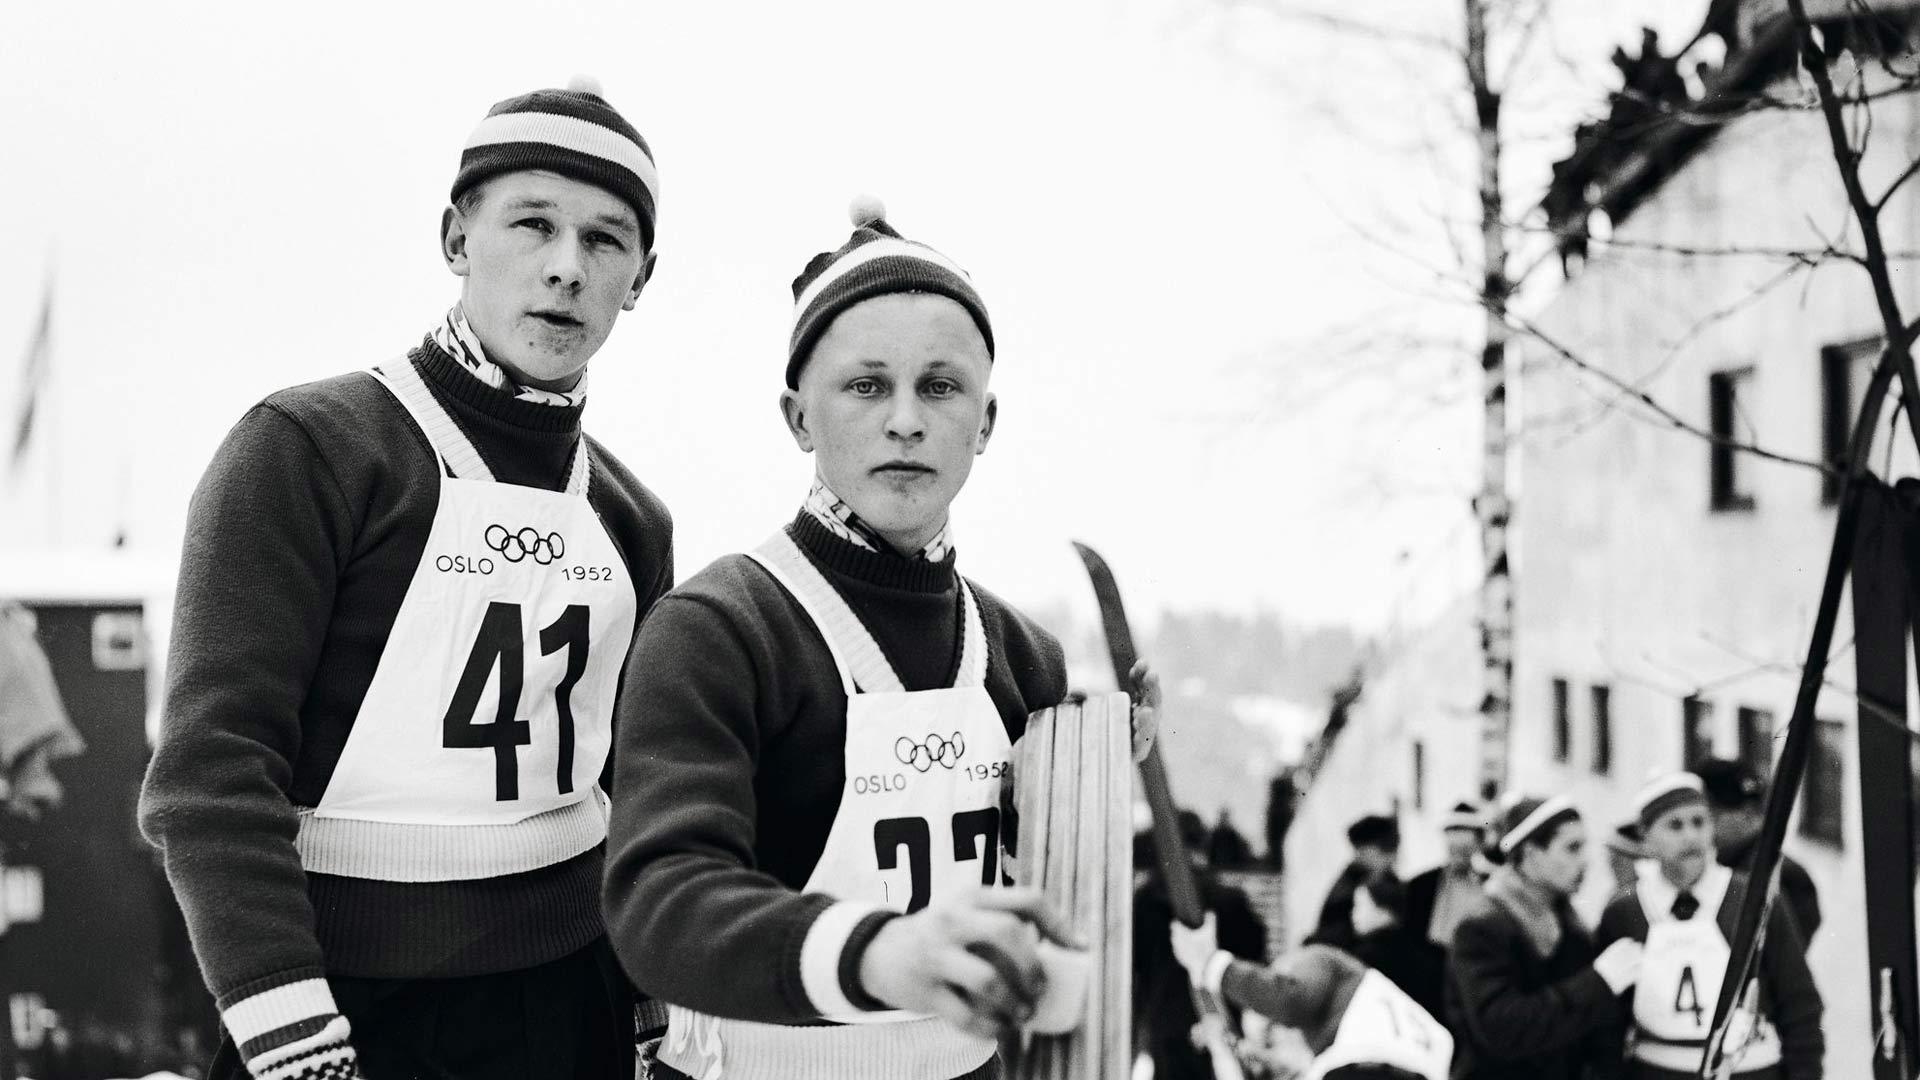 Oslon talviolympiakisoissa 1952 Suomea edustivat Antti Hyvärinen, oppipoika (vas.), ja Tauno Luiro, oppi-isä.